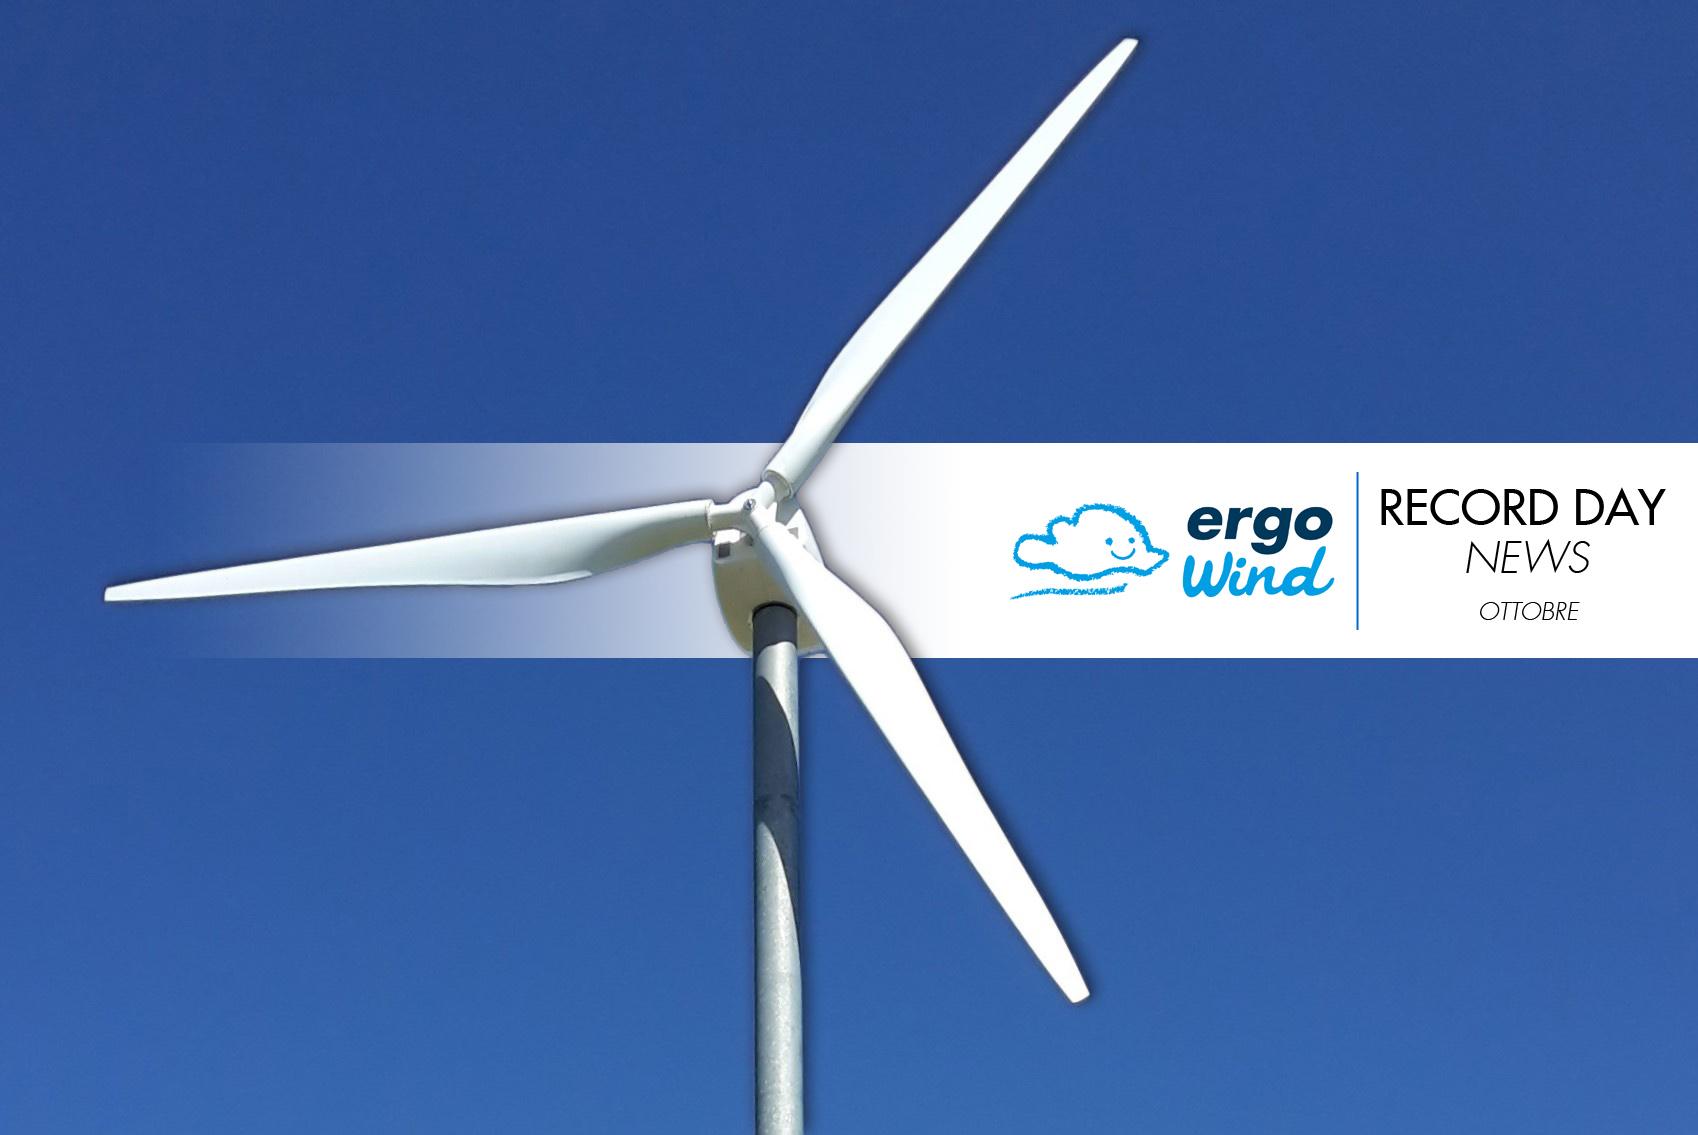 L'ottobre del mini eolico Ergo Wind all'insegna del vento!